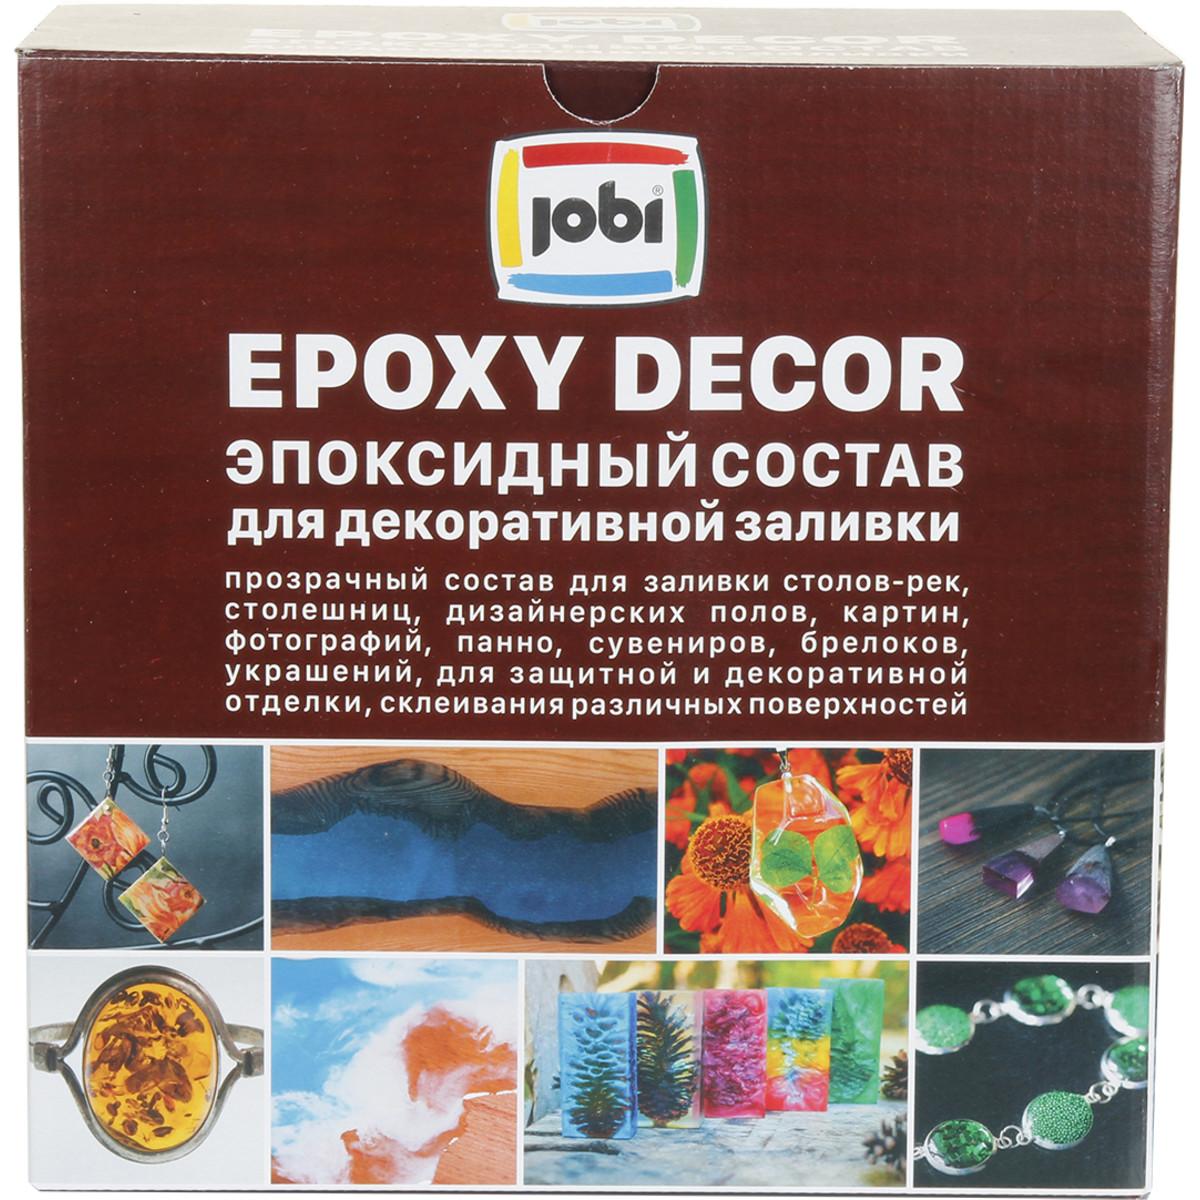 Состав эпоксидный Jobi для декоративной заливки 4.05 кг